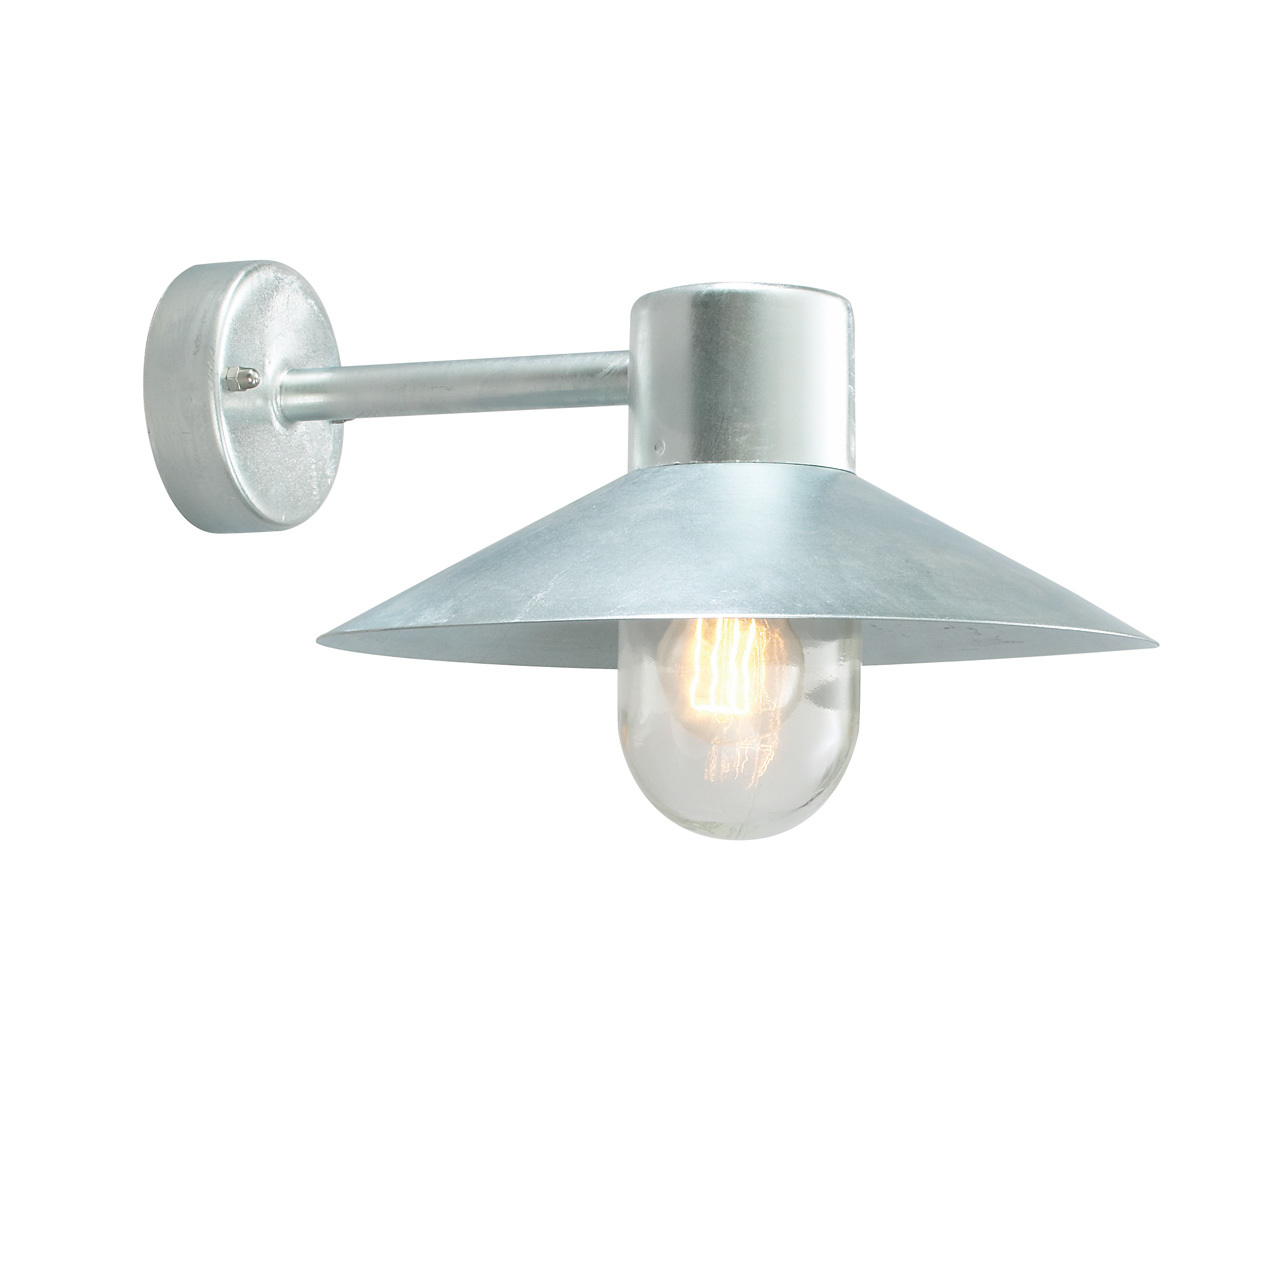 Lampa ścienna LUND 290GA -Norlys  SPRAWDŹ RABATY  5-10-15-20 % w koszyku